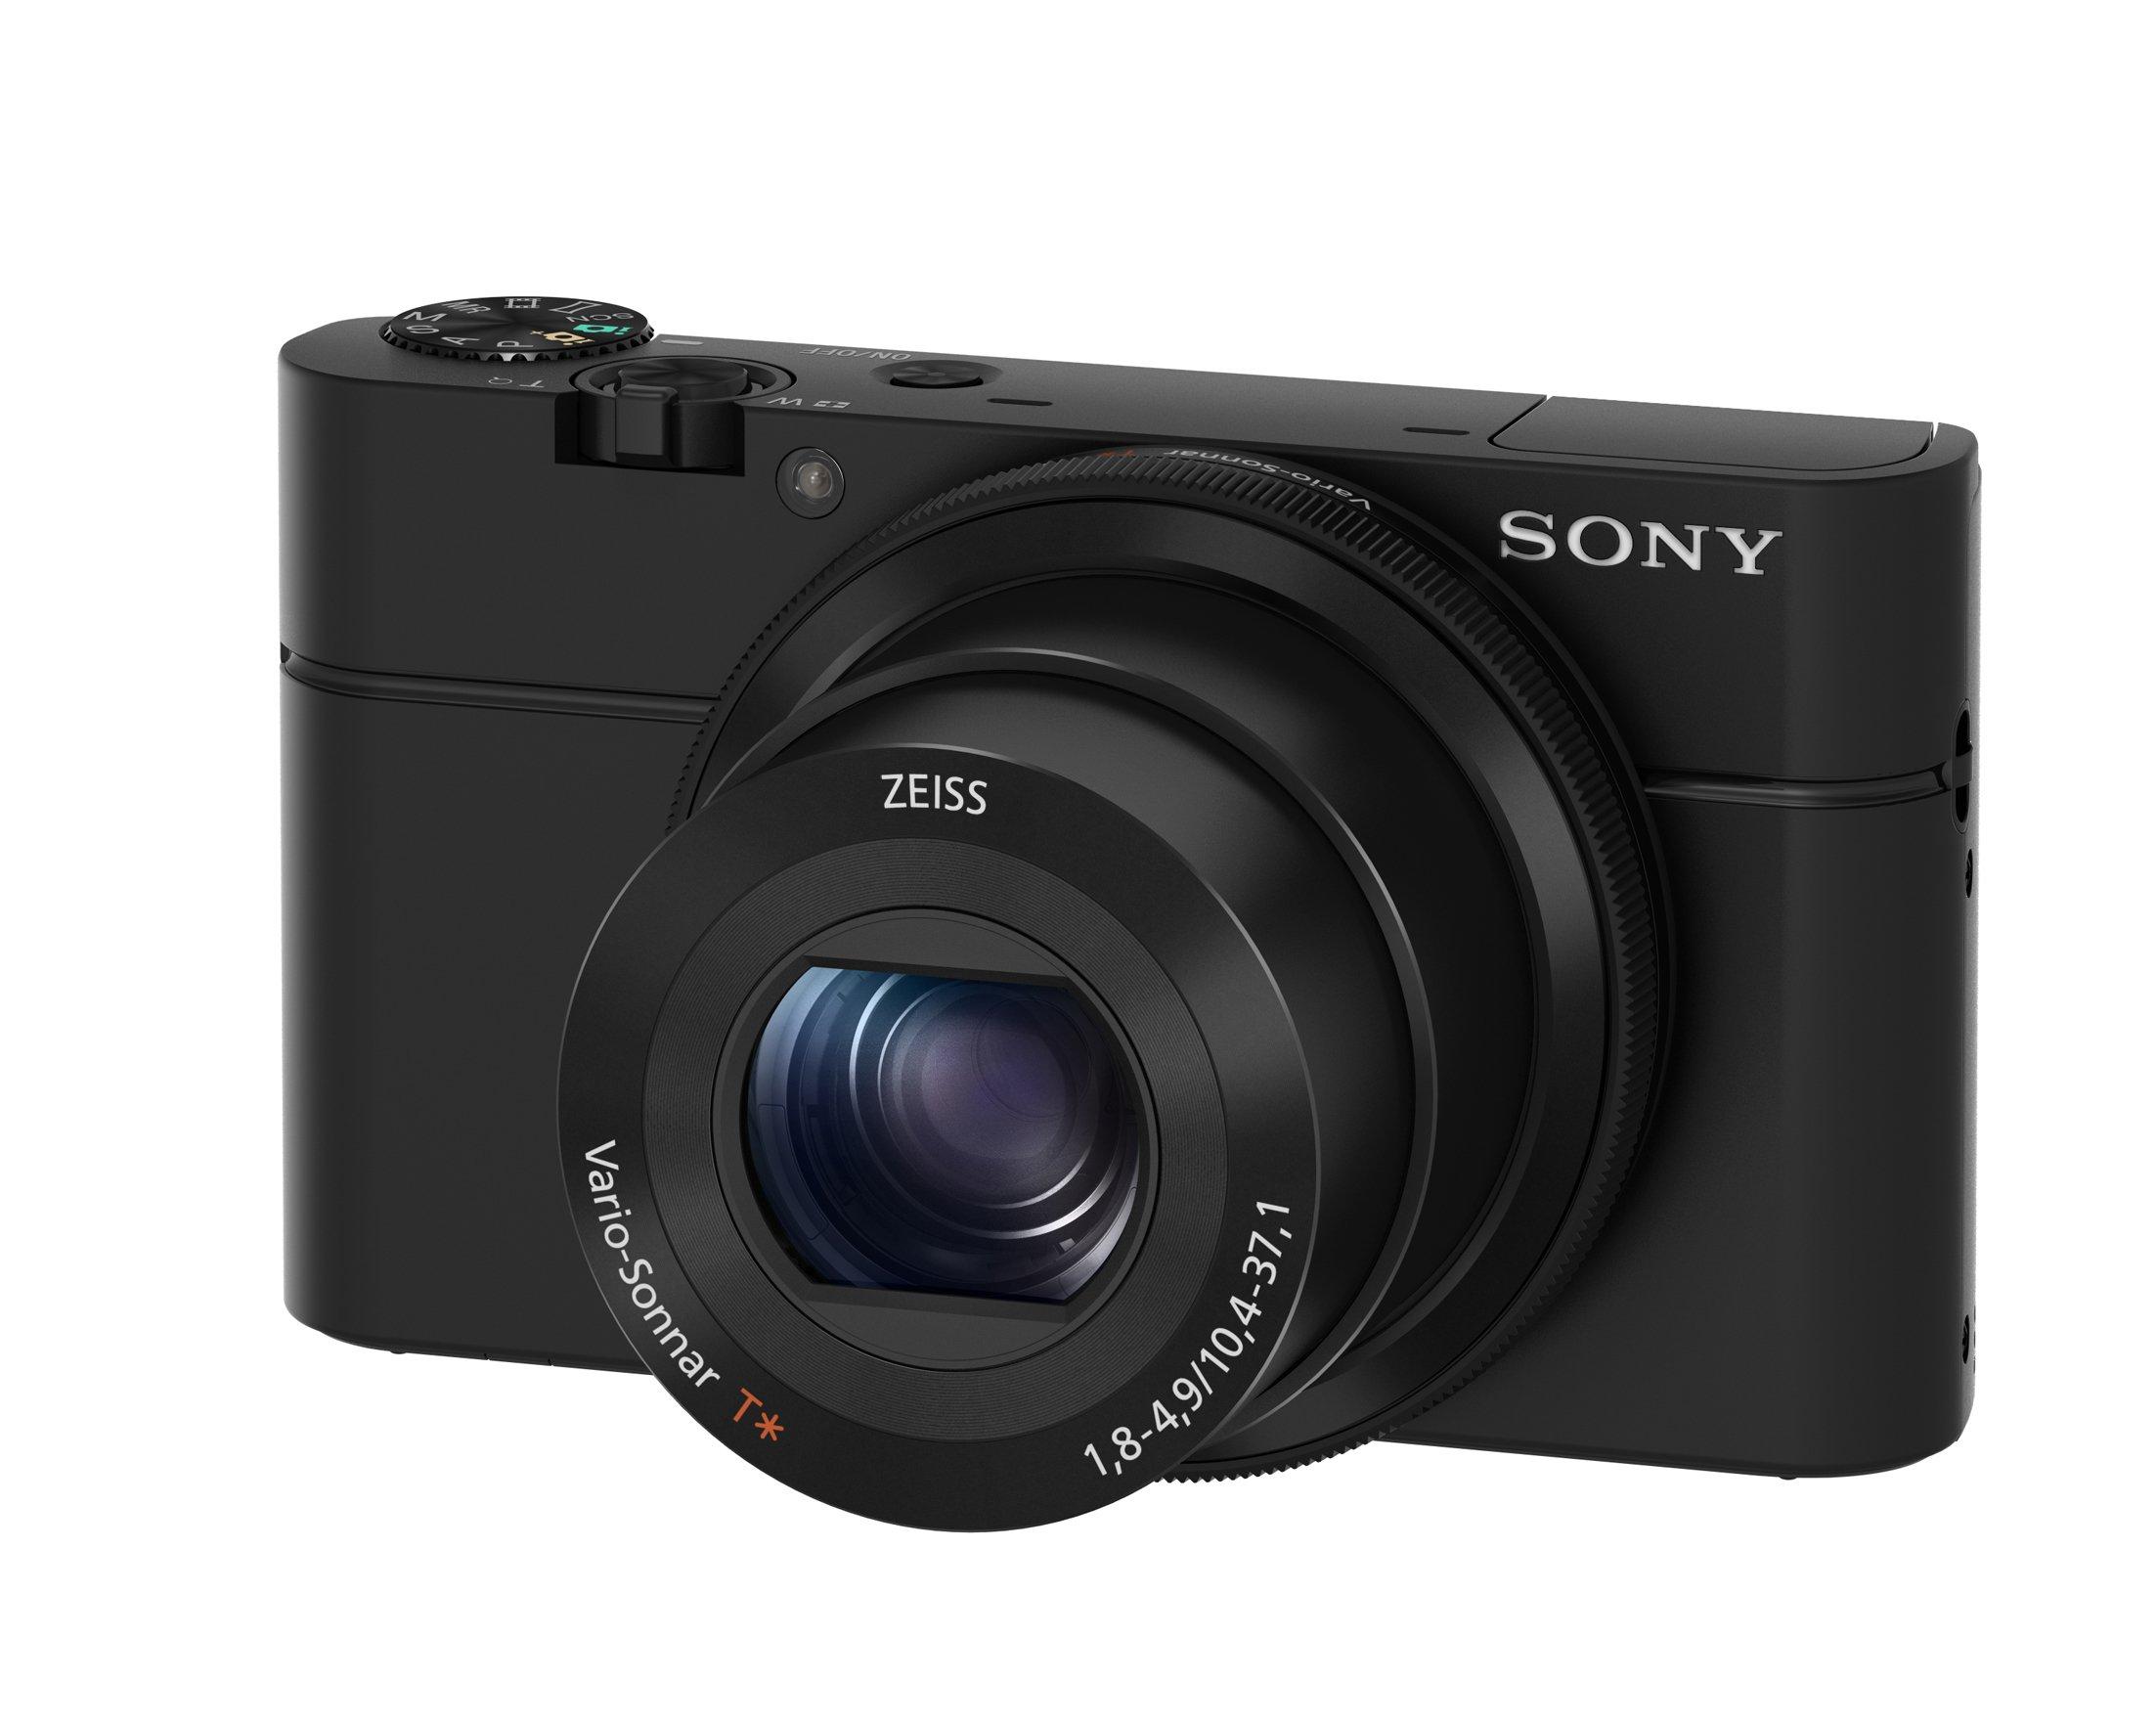 Sony DSC-RX100/B